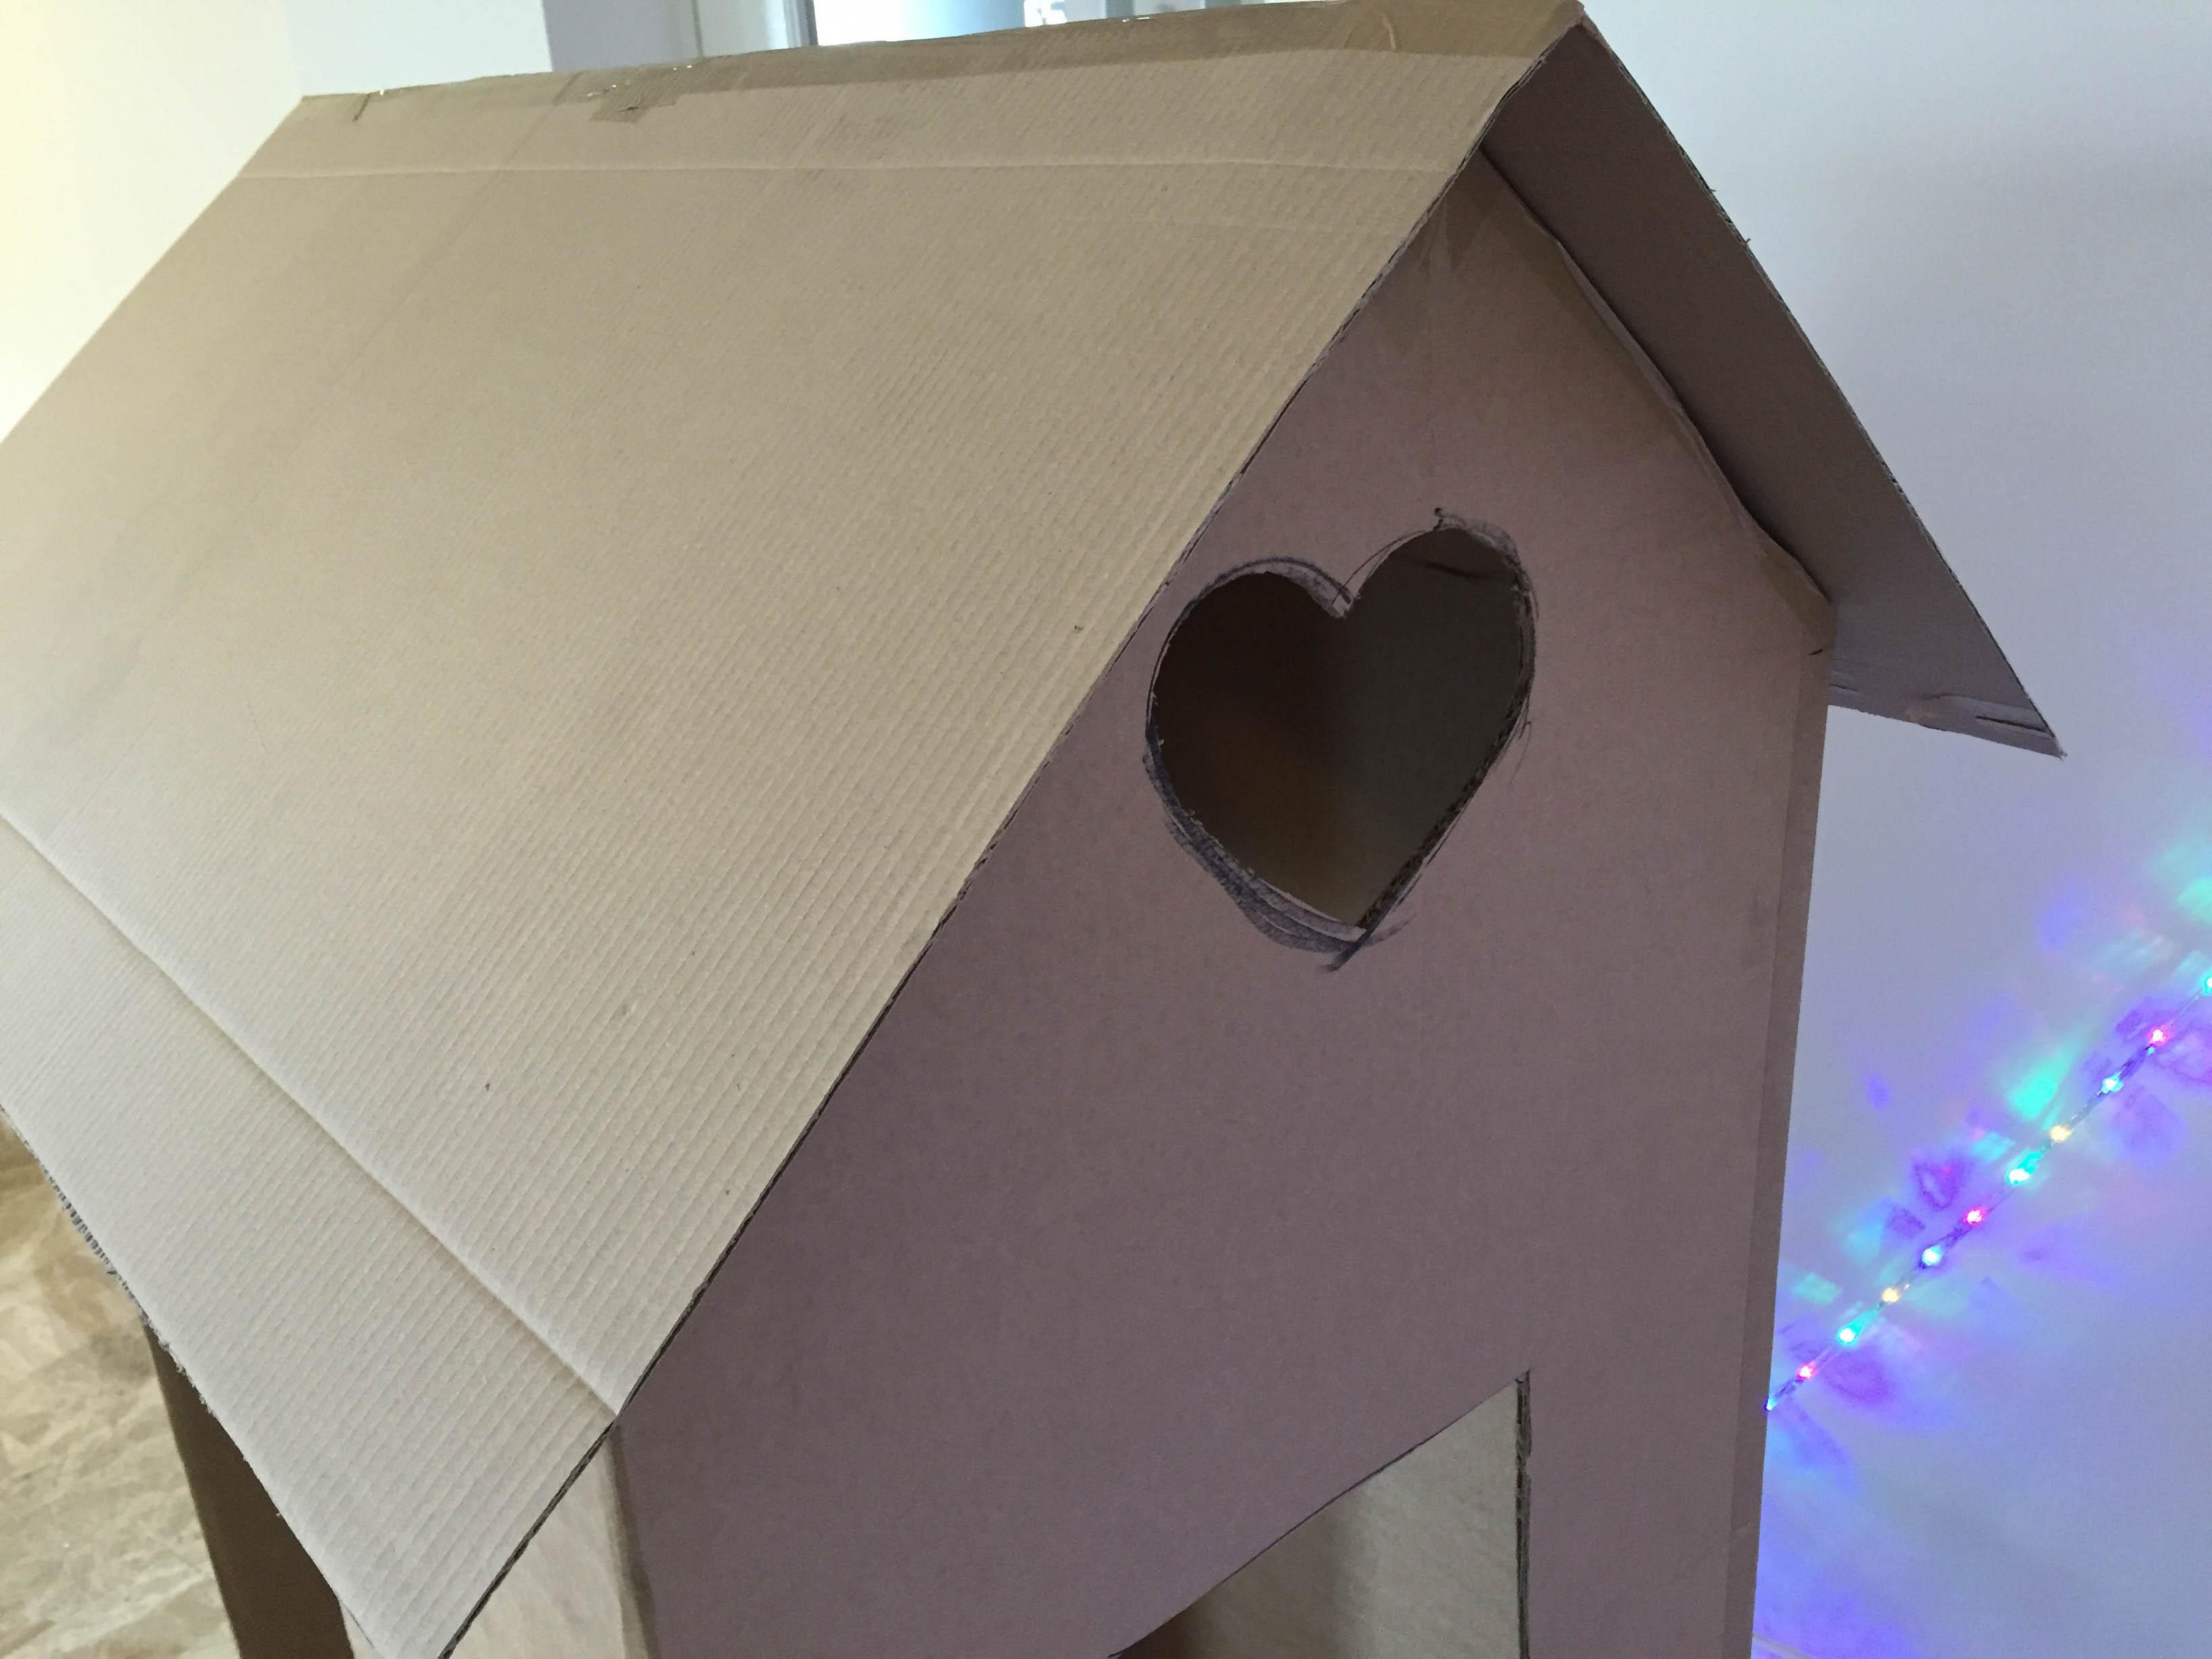 Come costruire una casetta giocattolo in cartone - Casa di cartone ...